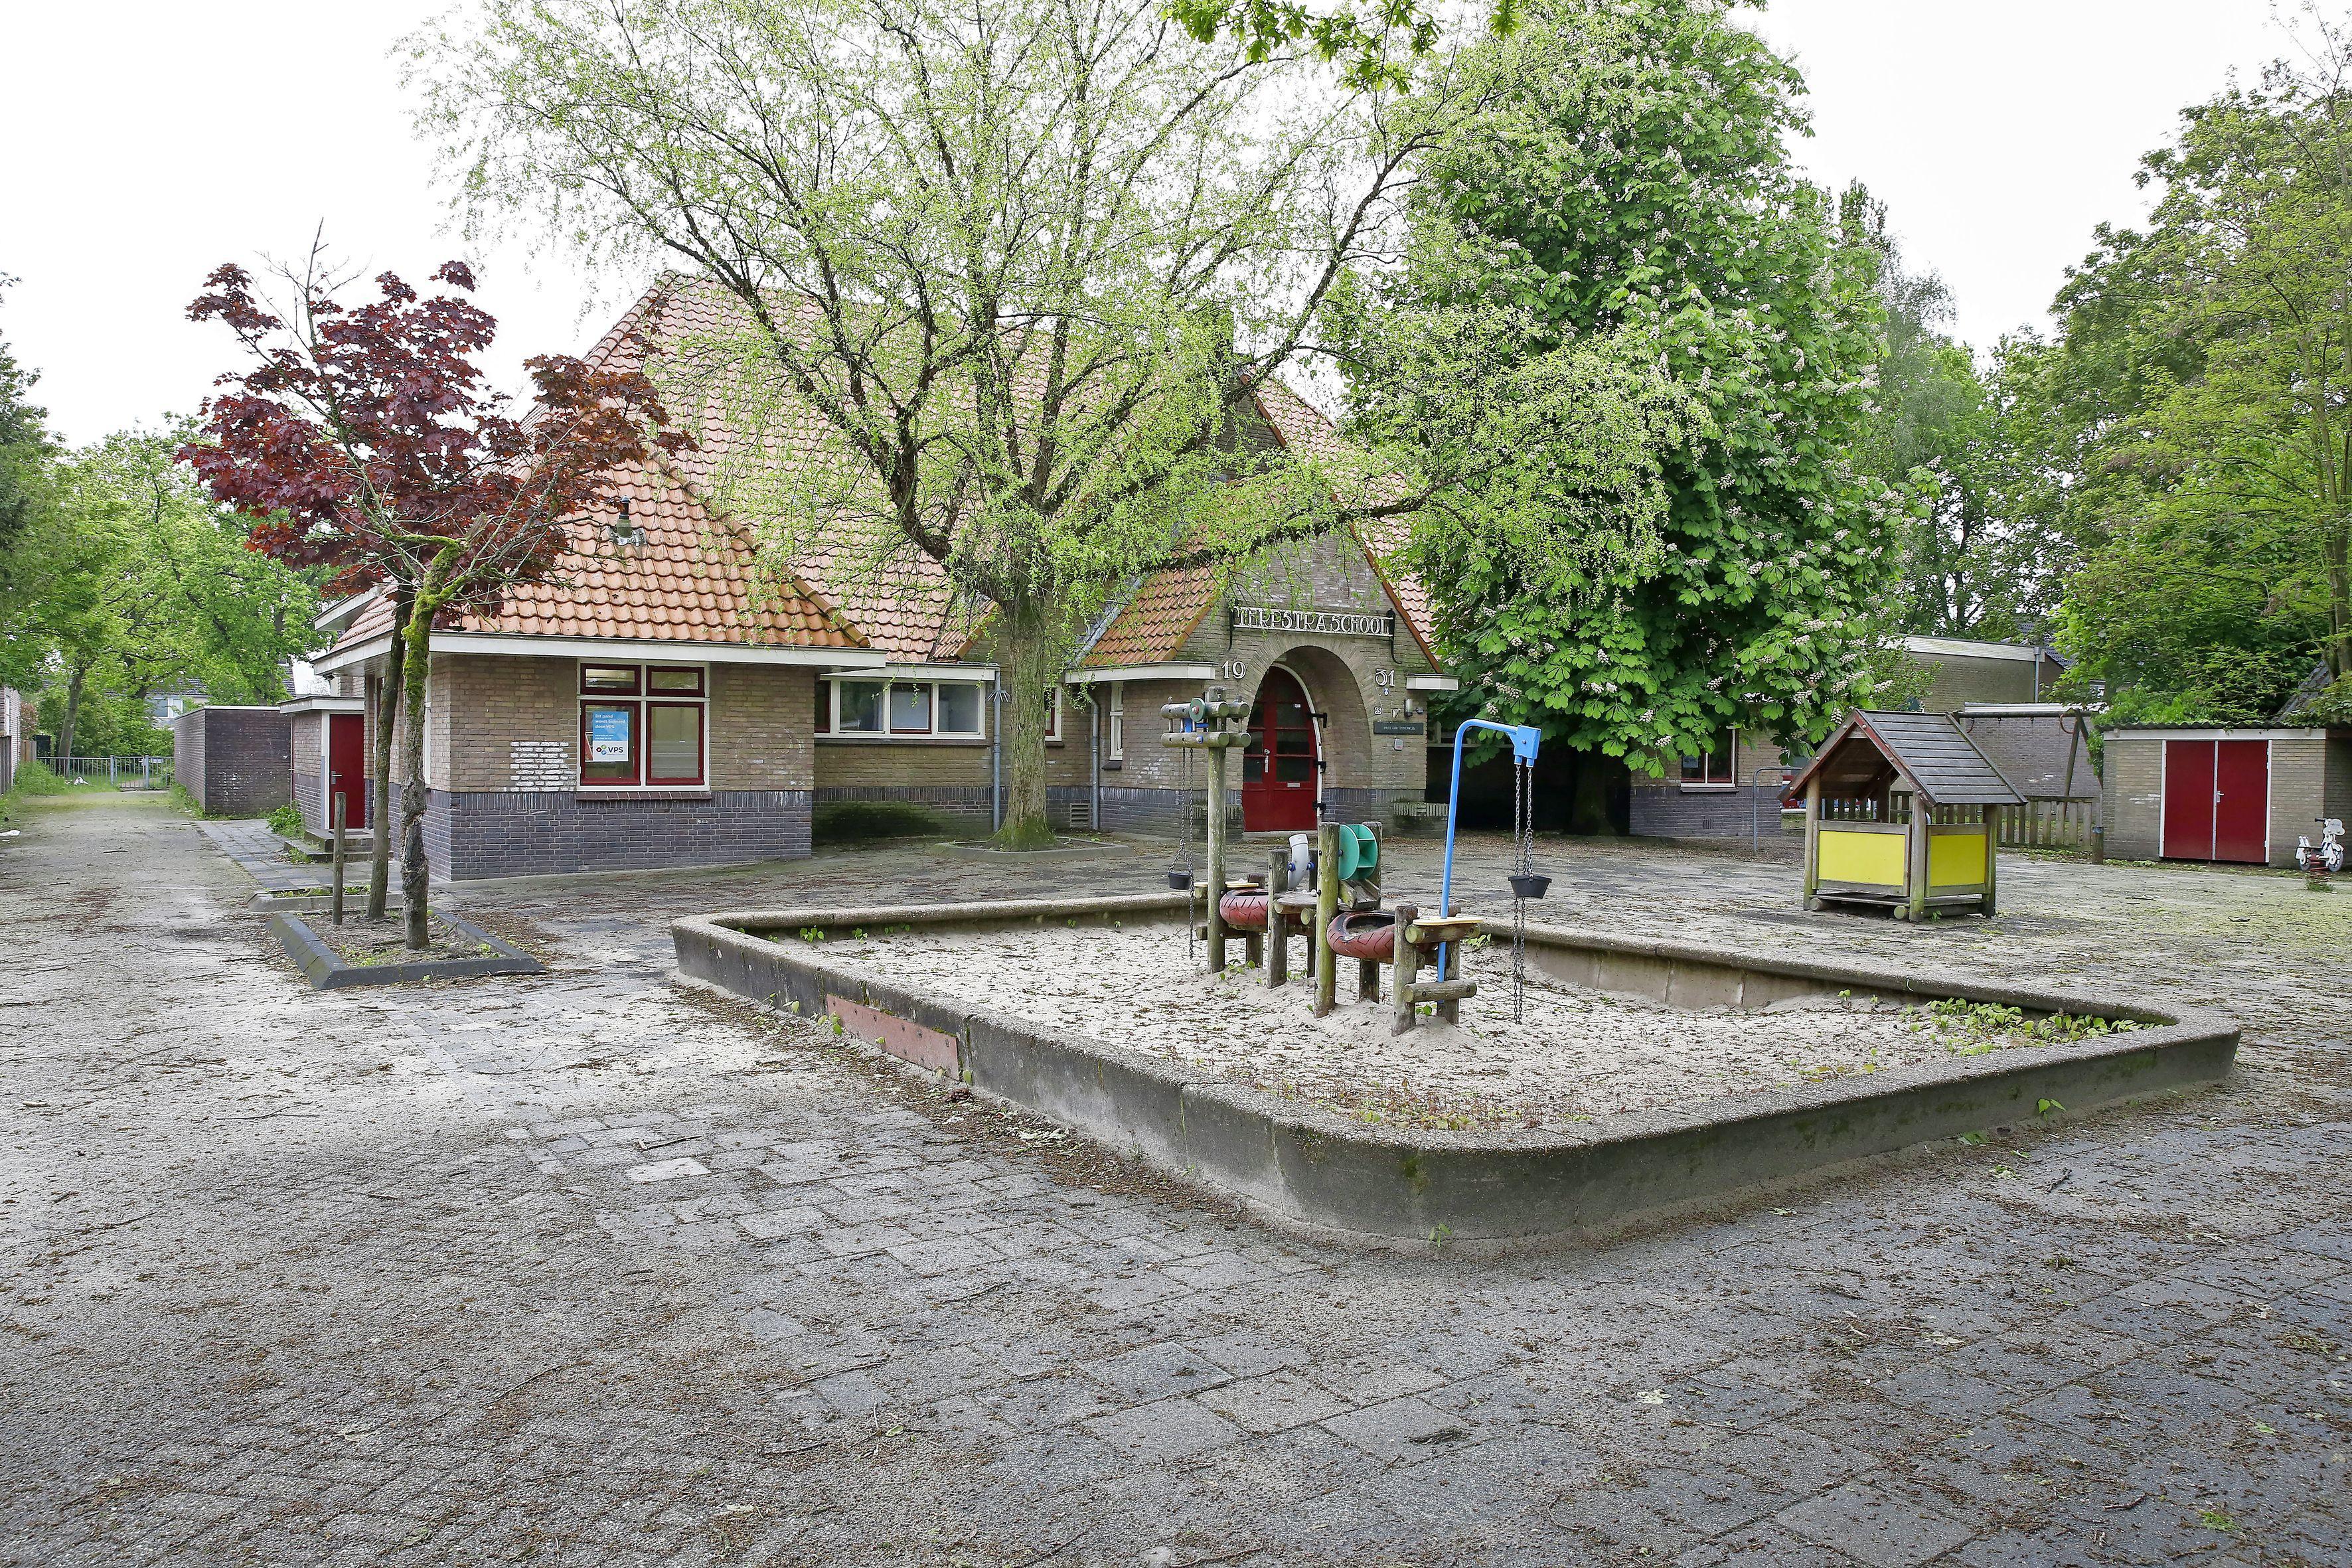 Vragen rond leegstaande Terpstraschool in Loosdrecht: antikraak of scholieren